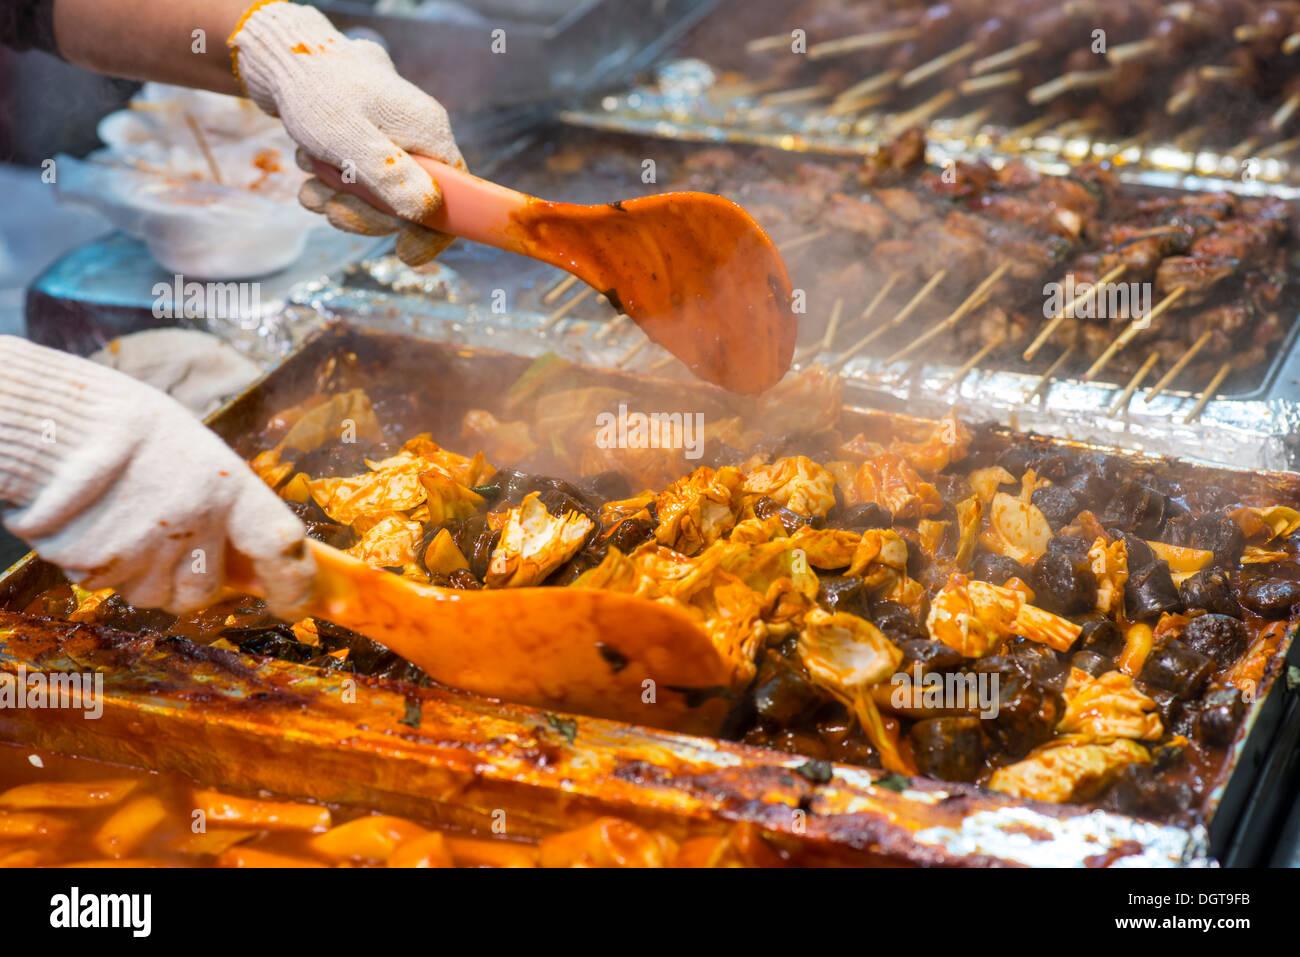 Préparation des aliments à un marché de nuit dans la région de Myeong-dong, Séoul, Corée du Sud. Photo Stock